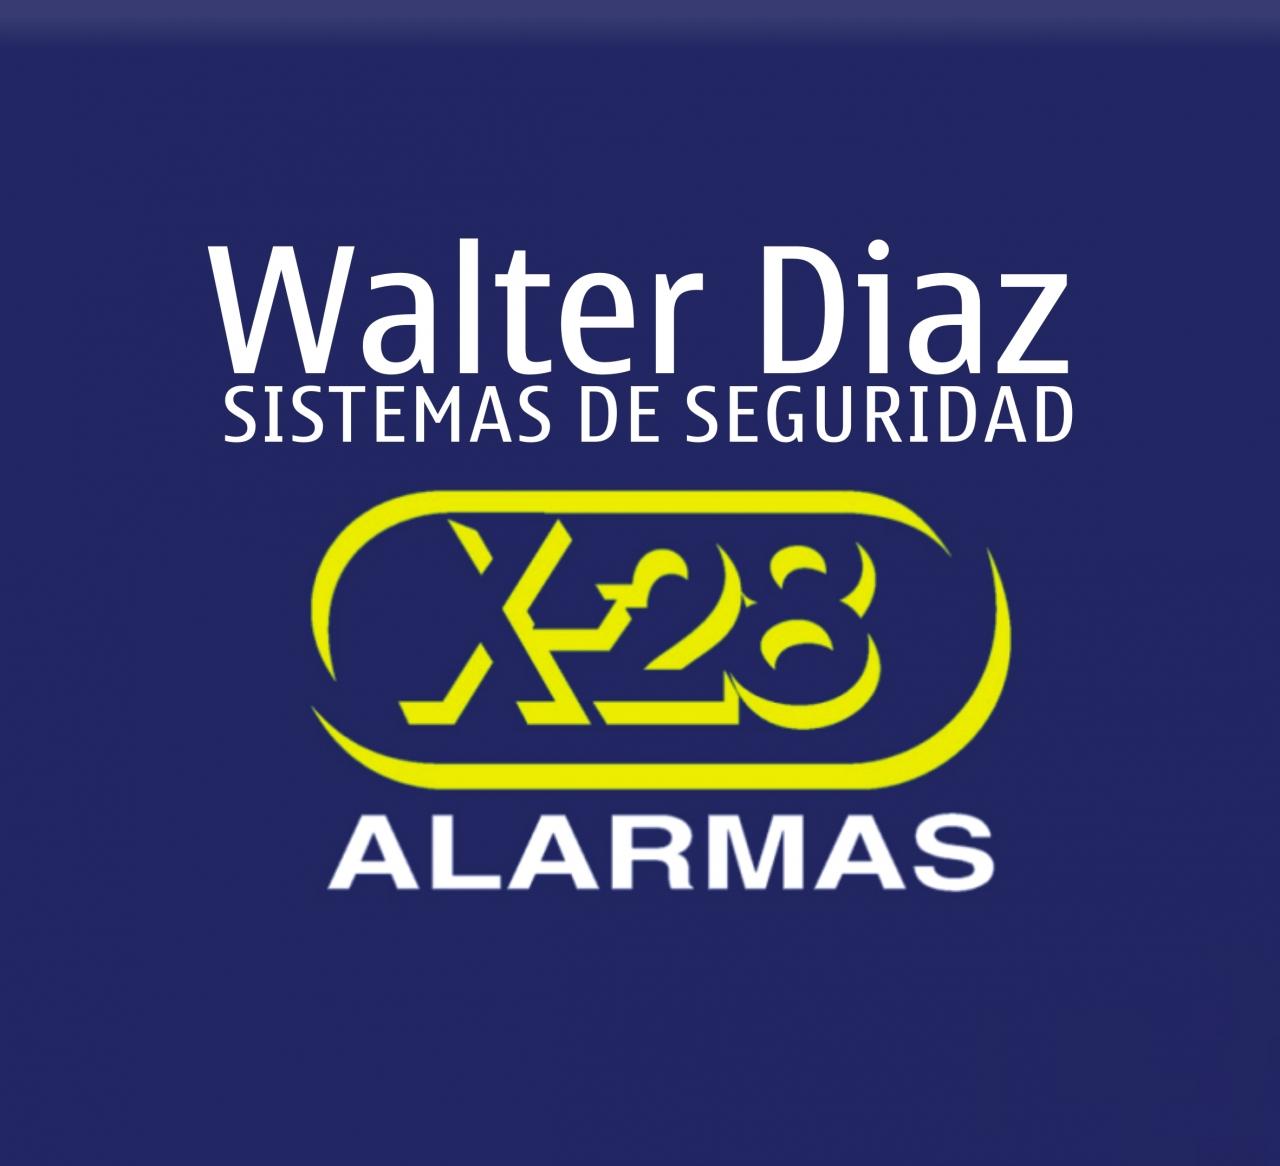 WALTER DIAZ / ALARMAS X28 / SISTEMAS DE SEGURIDAD / AUTOMATIZACIONES / MONITOREO DE ALARMAS / AGENT